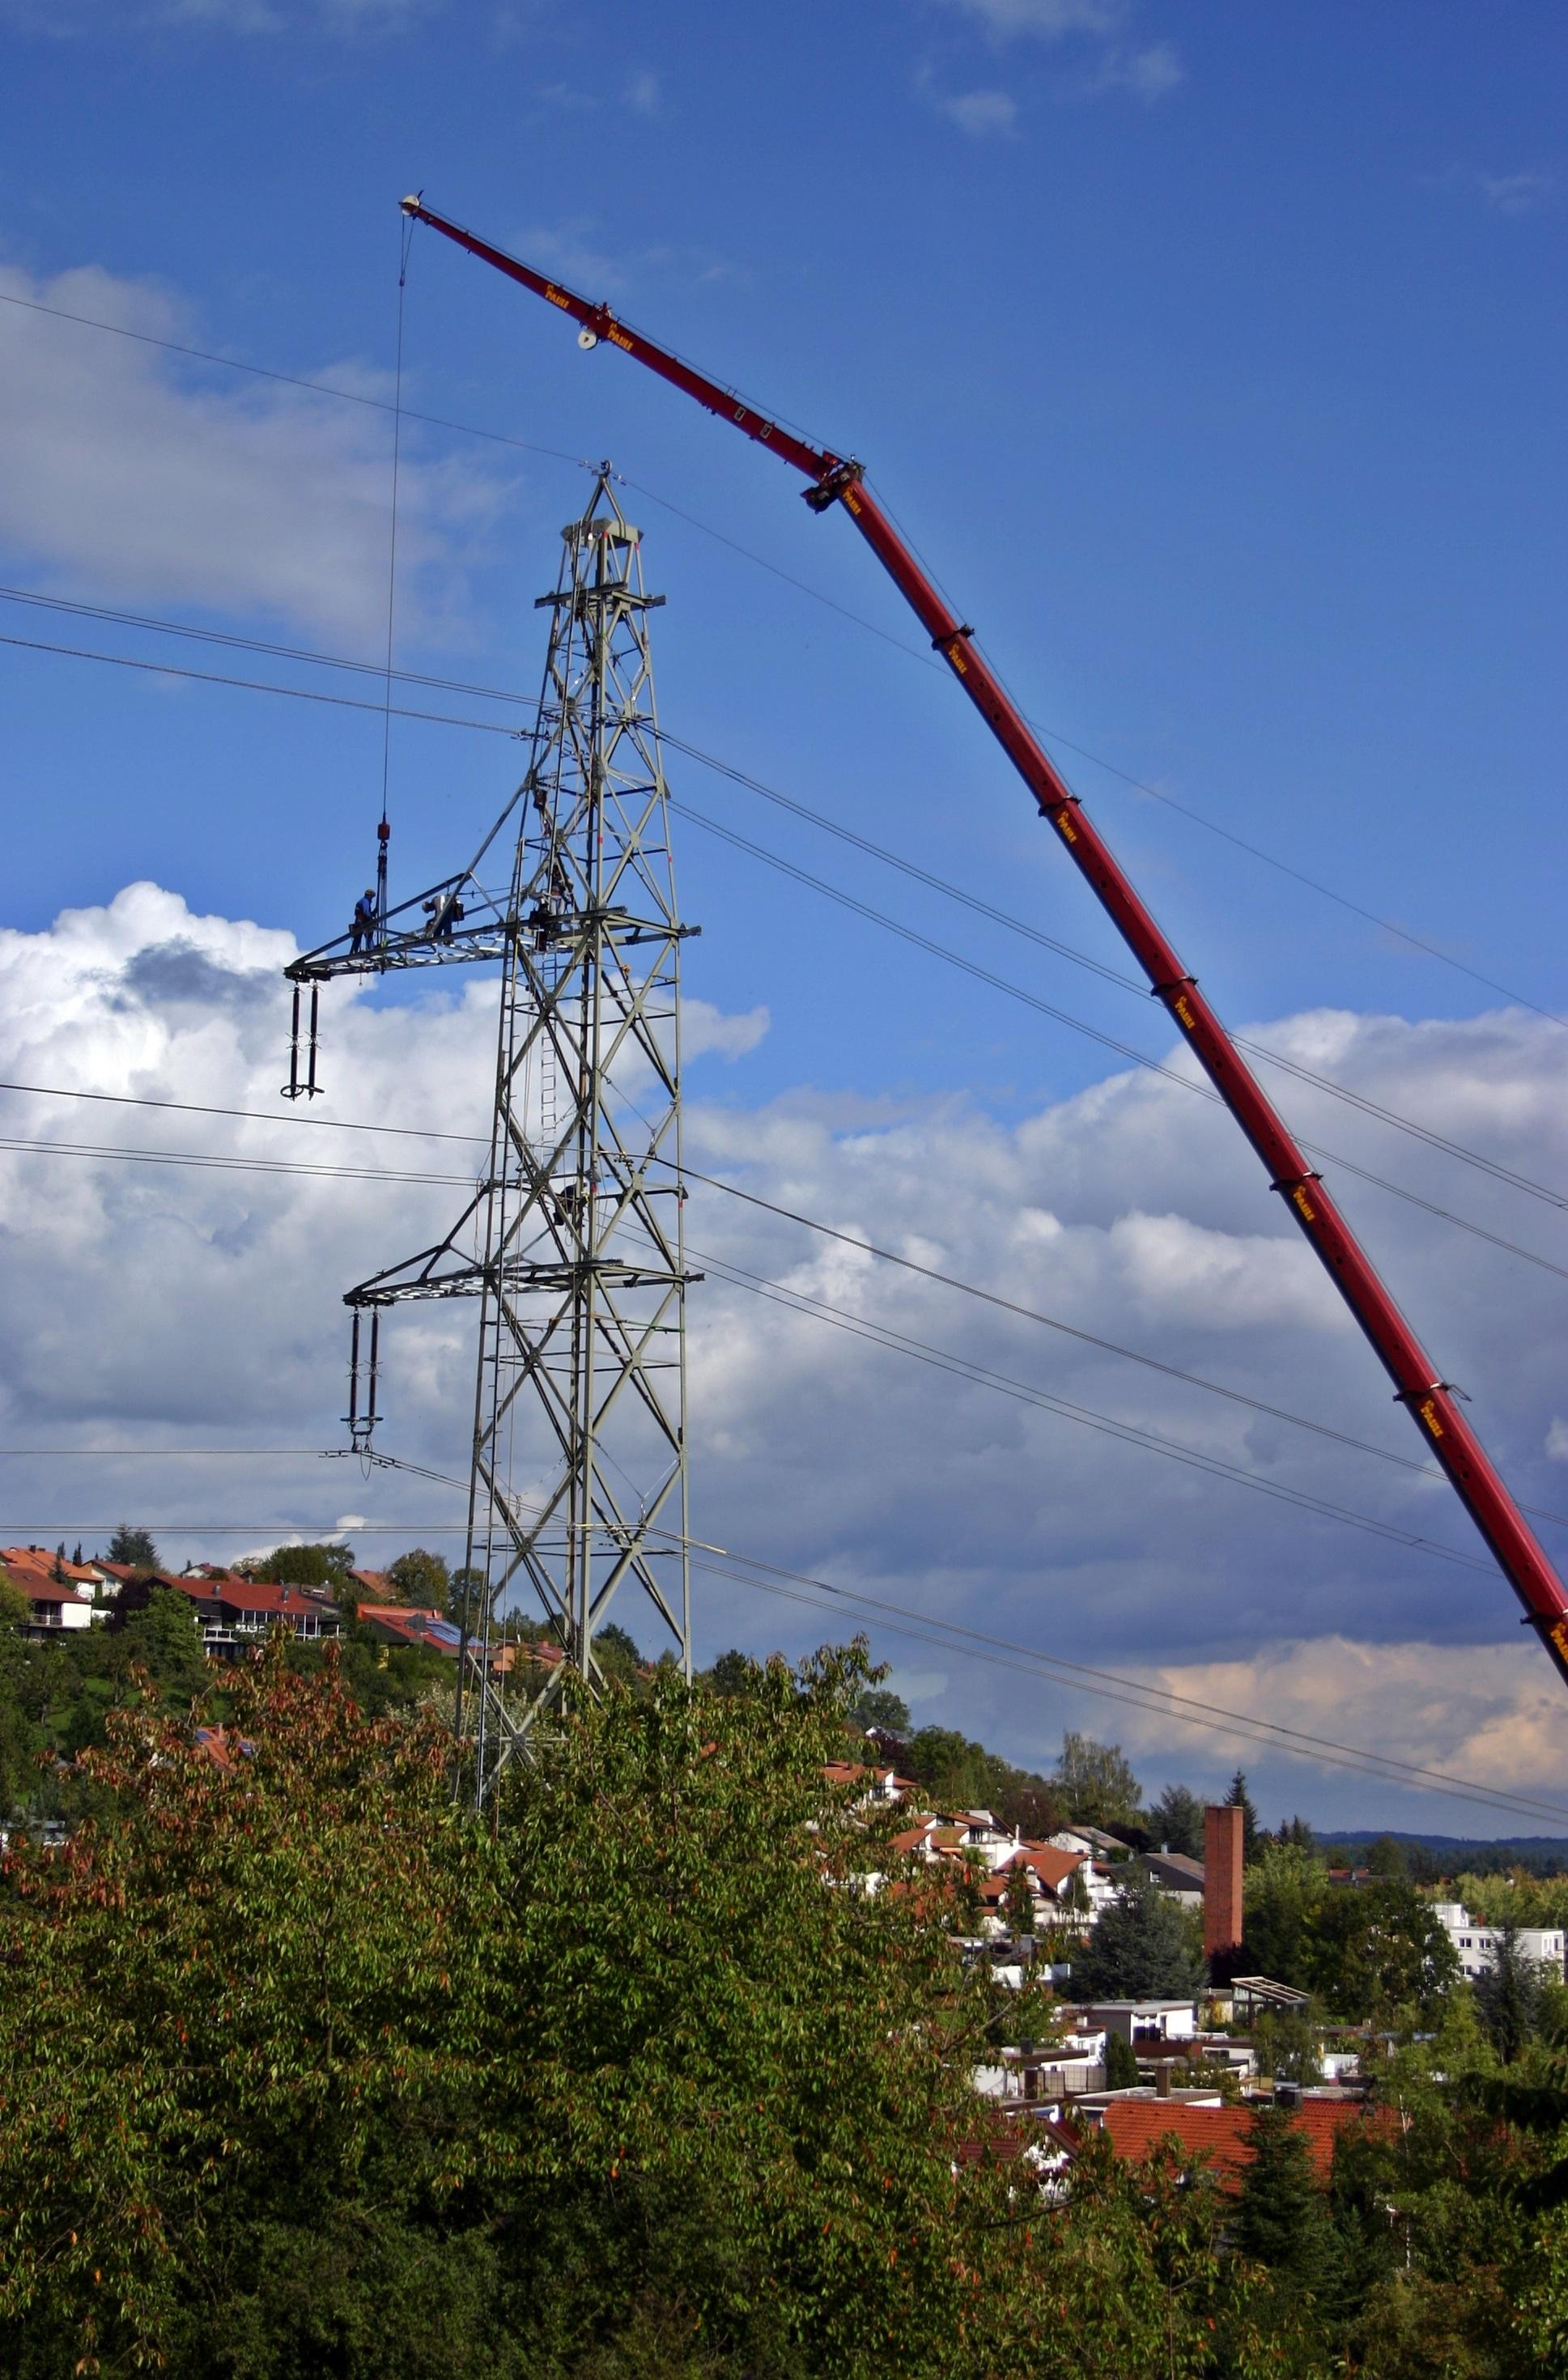 Free Images : sky, wind, village, repair, power line, mast, industry ...